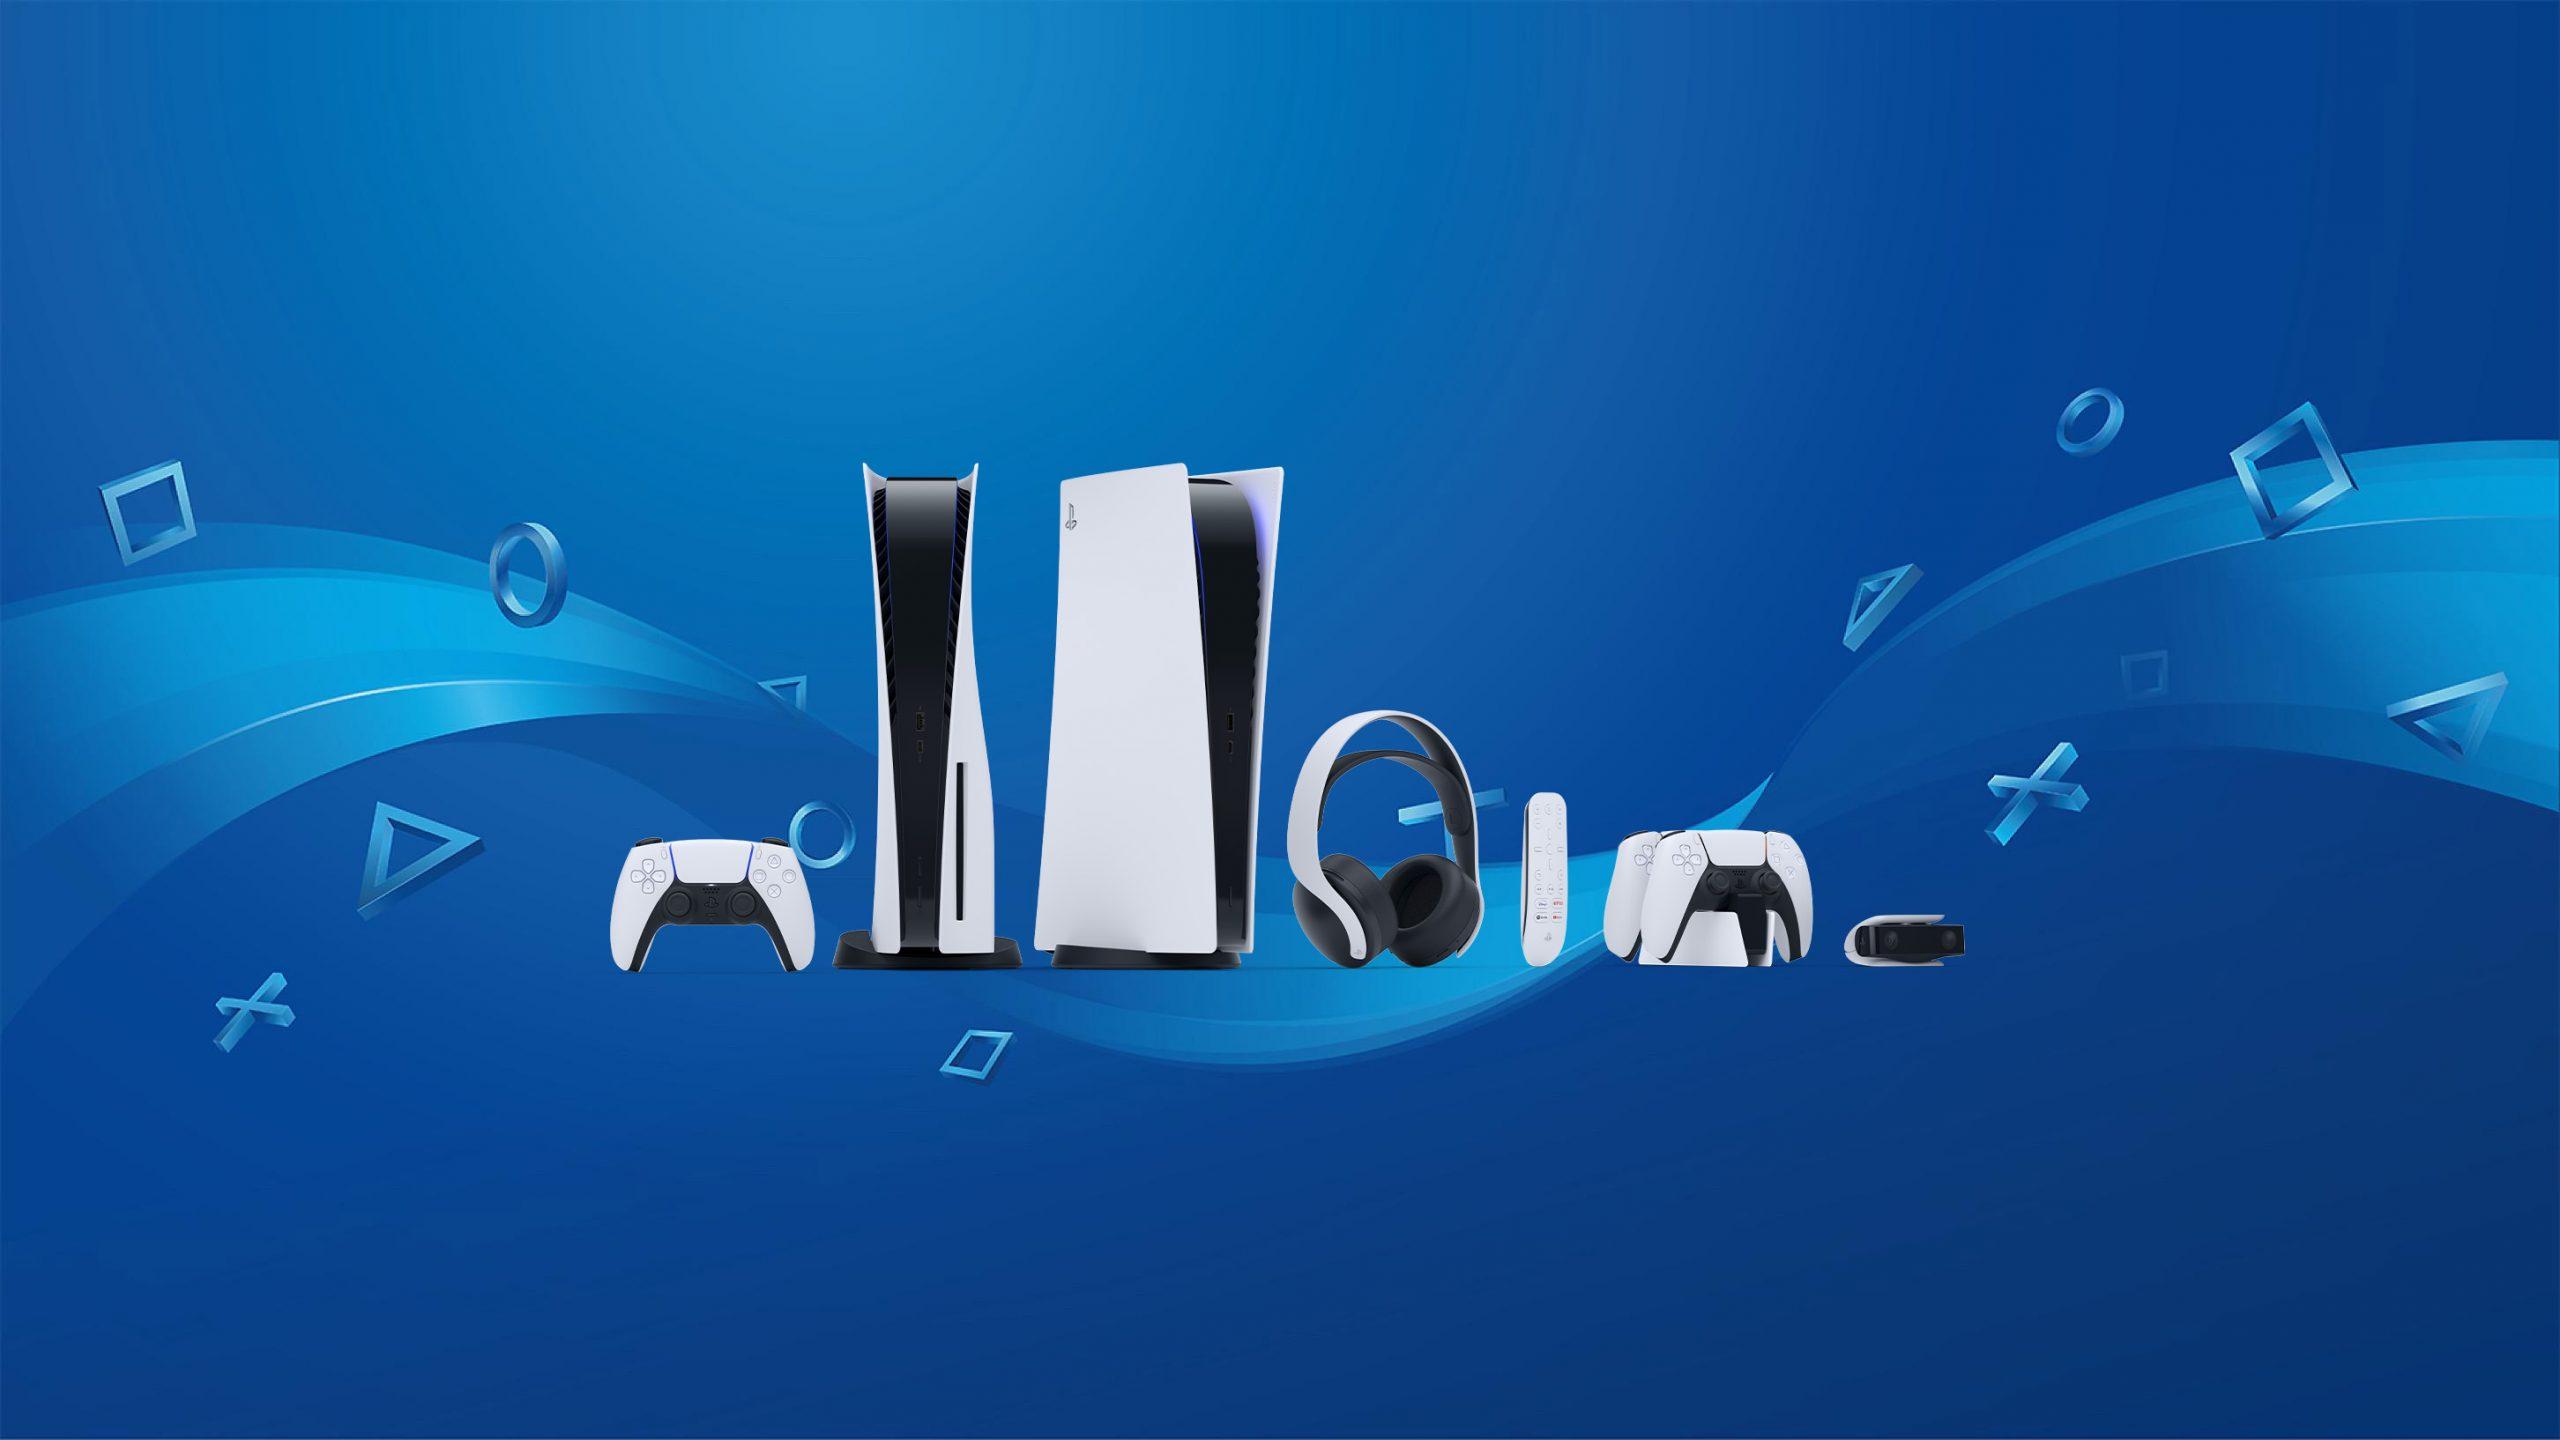 Wallpaper PlayStation 5